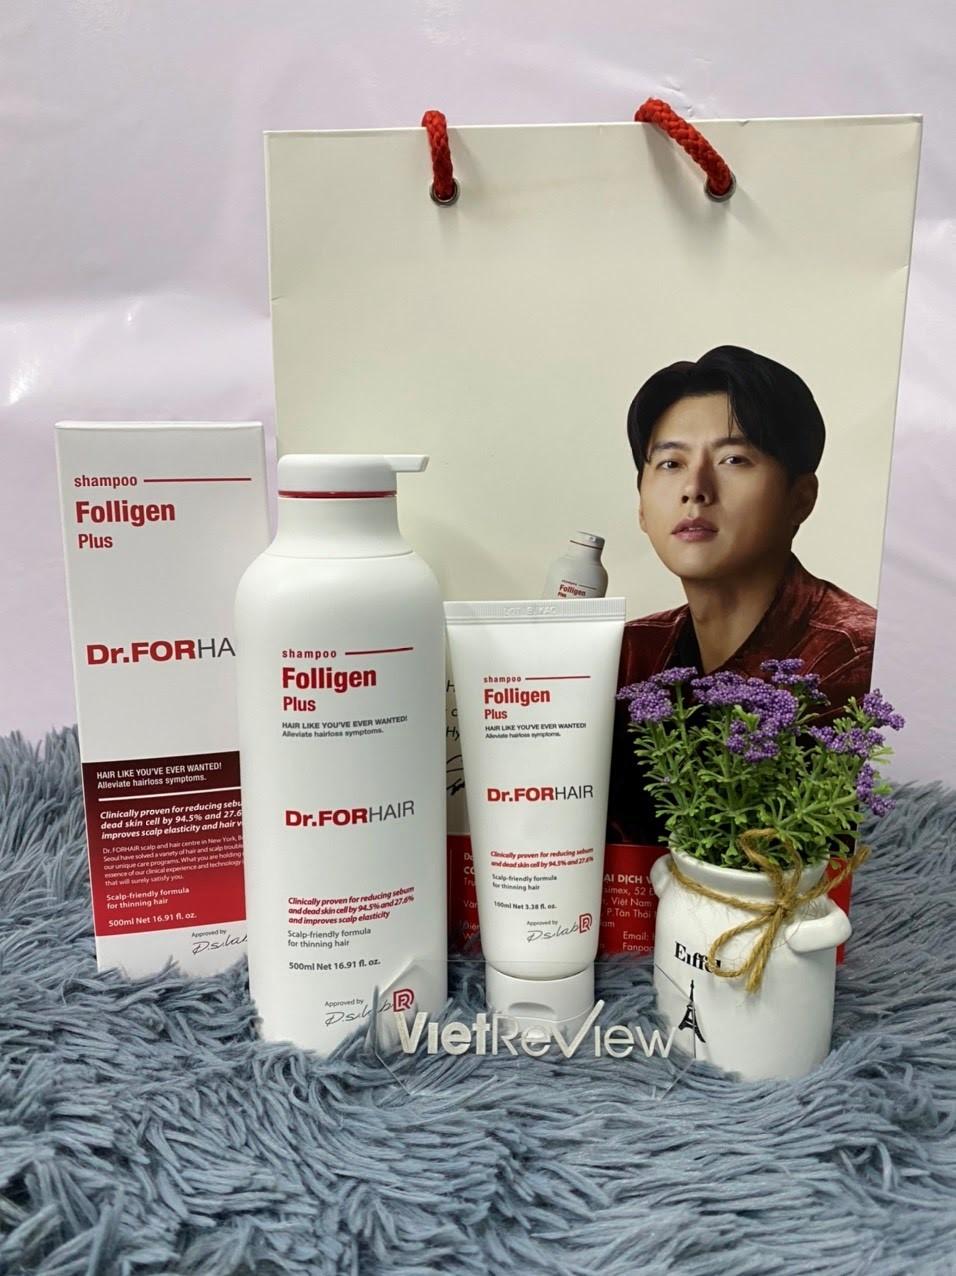 Dầu gội đầu Dr.FORHAIR có thực sự ngăn ngừa rụng tóc như quảng cáo? - 2